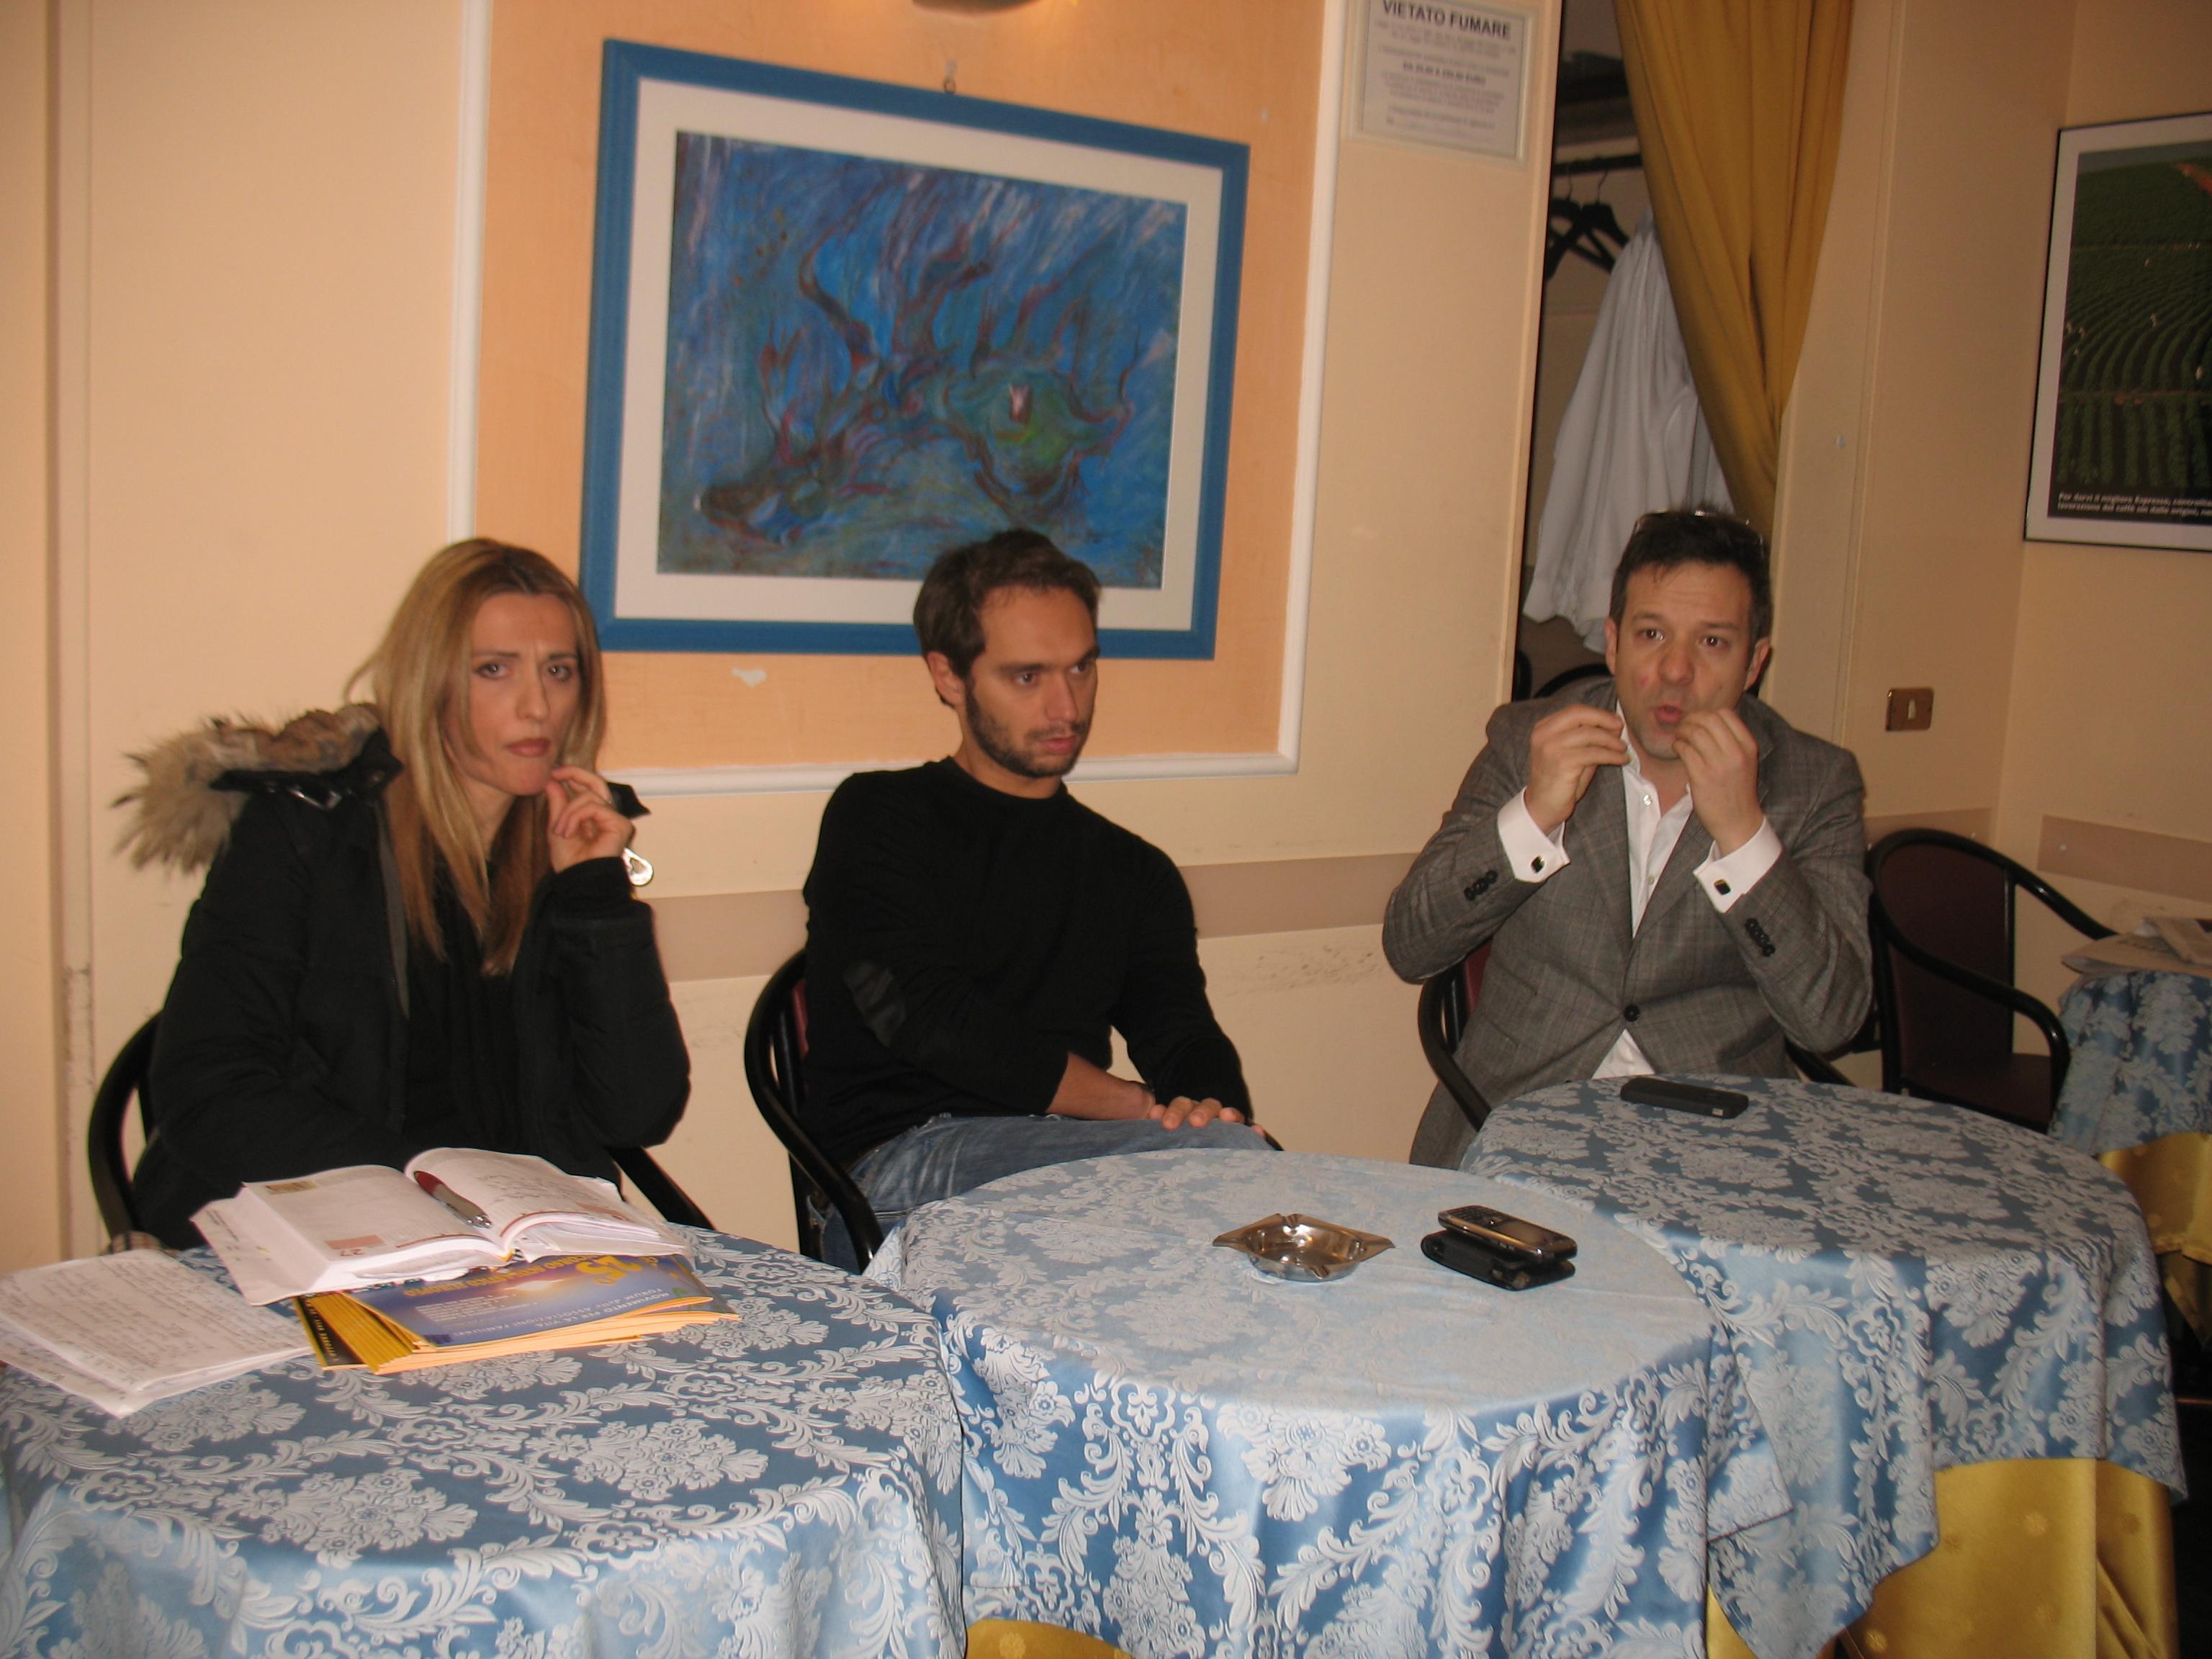 Da sinistra Francesca D'Alessandro, Fabio Massimo Conti e Fabrizio Nascinbeni